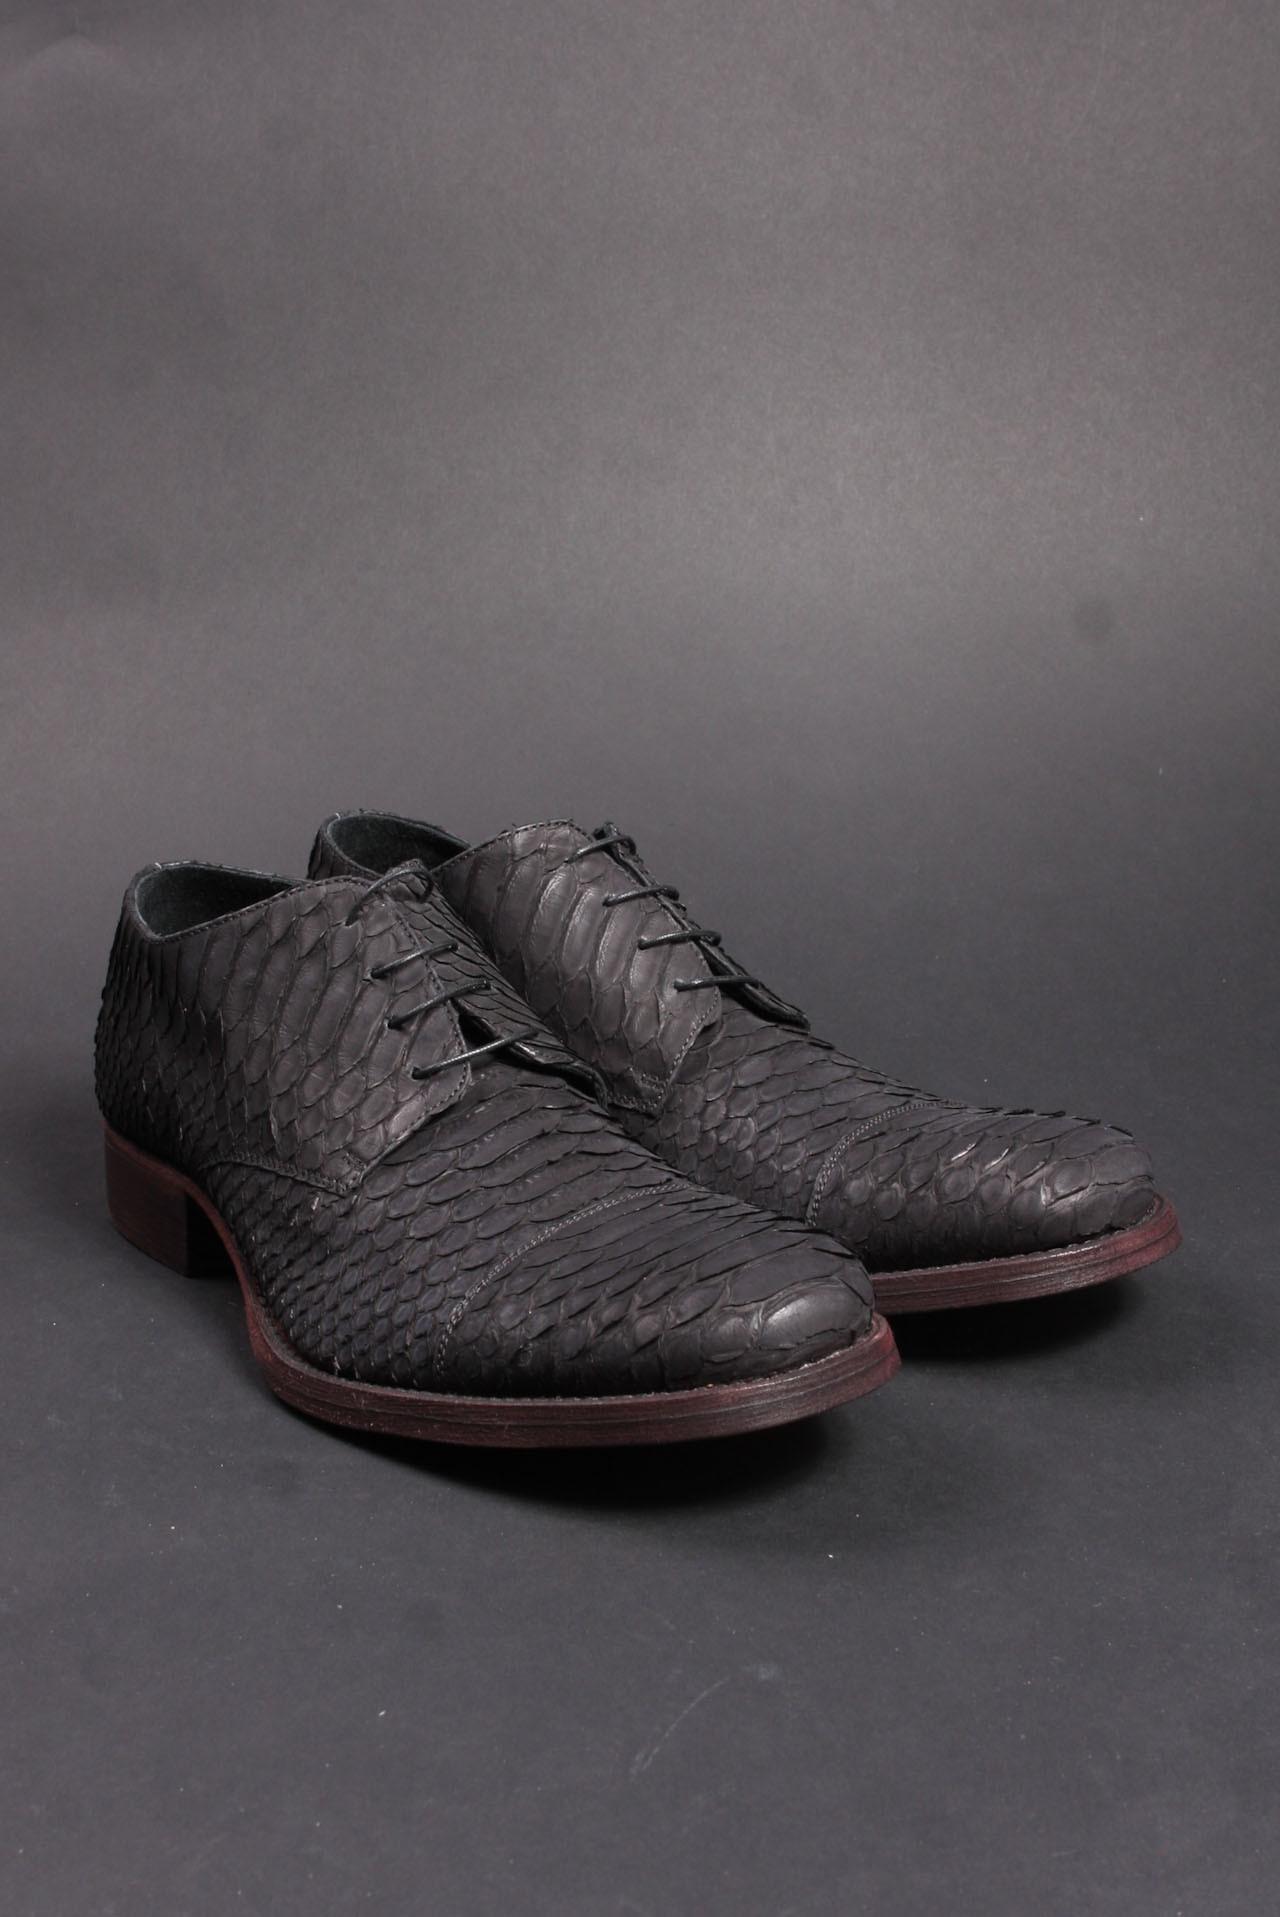 Carpe Diem shoes